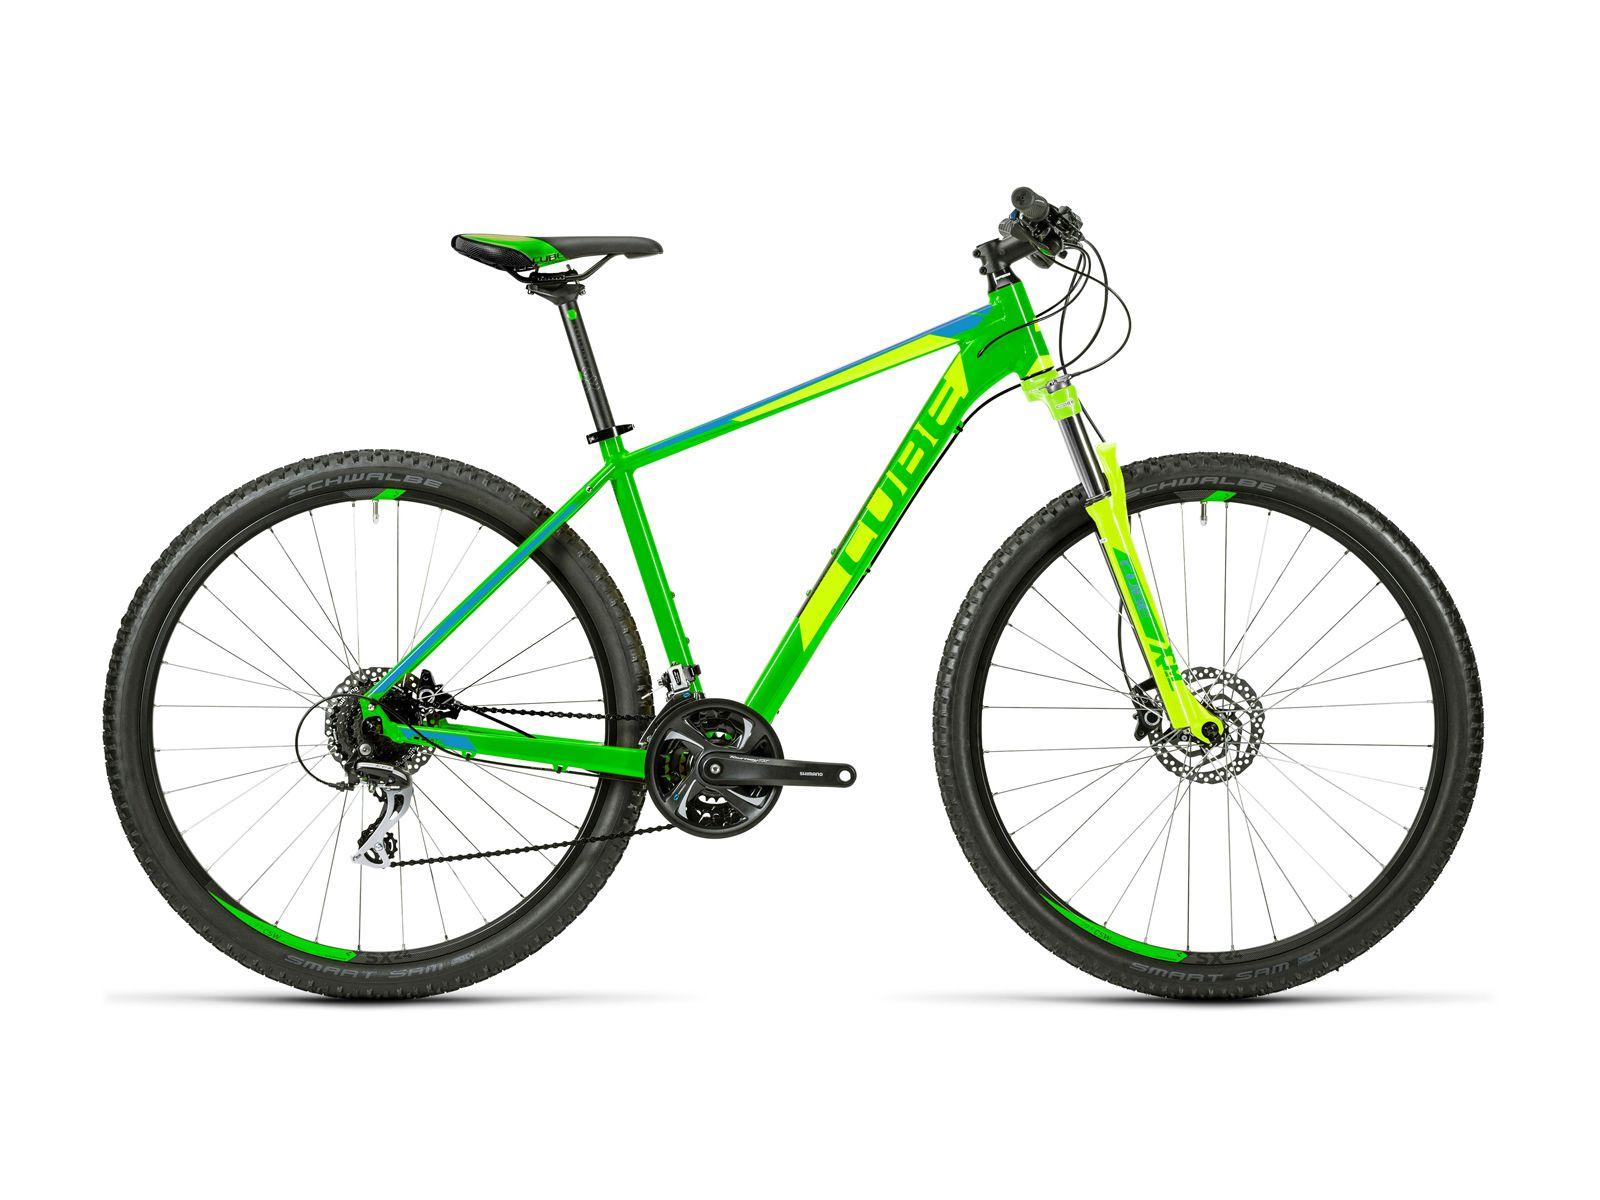 Cube Aim Mountainbike Fahrrad Fahren Fahrrad